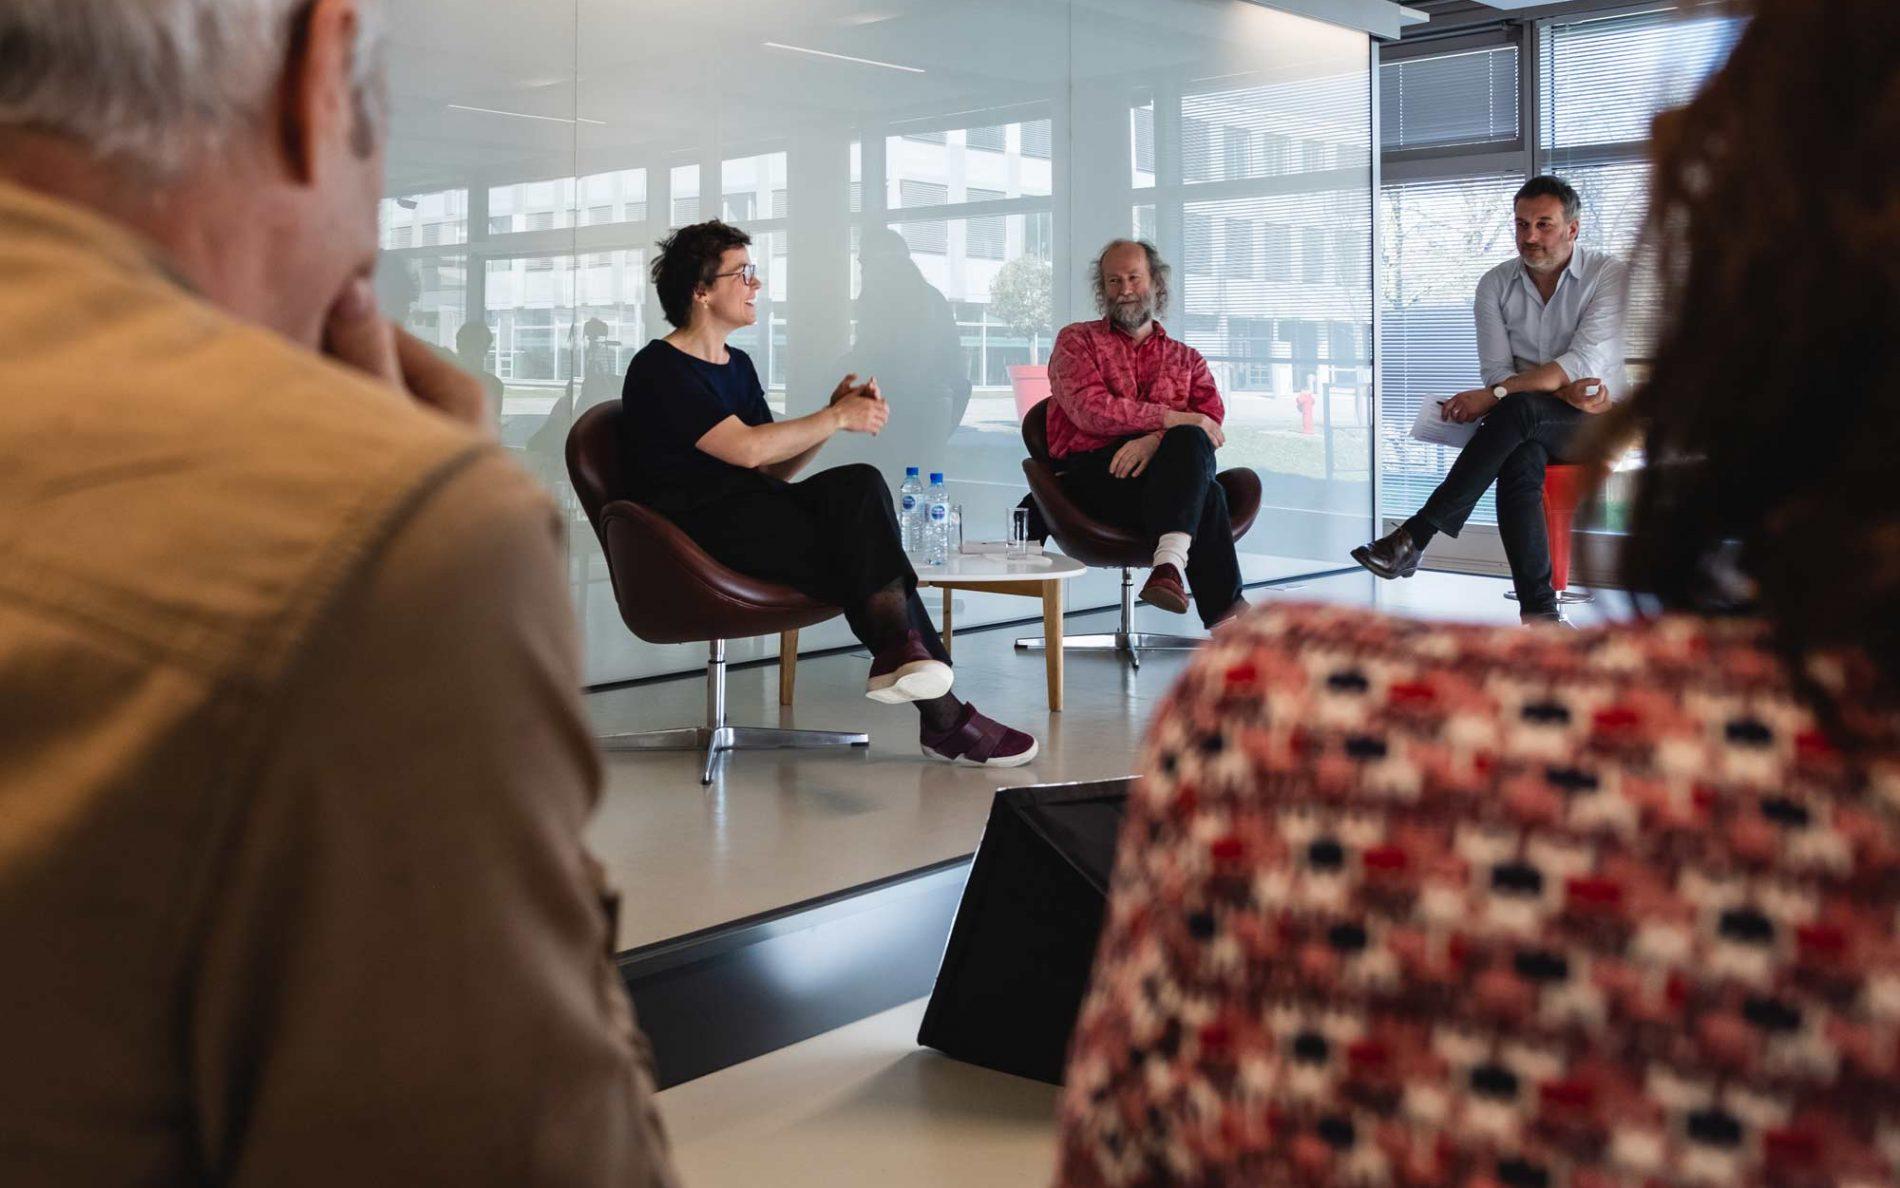 IA et création : dialogue entre Constance Guisset et Marc Schoenauer